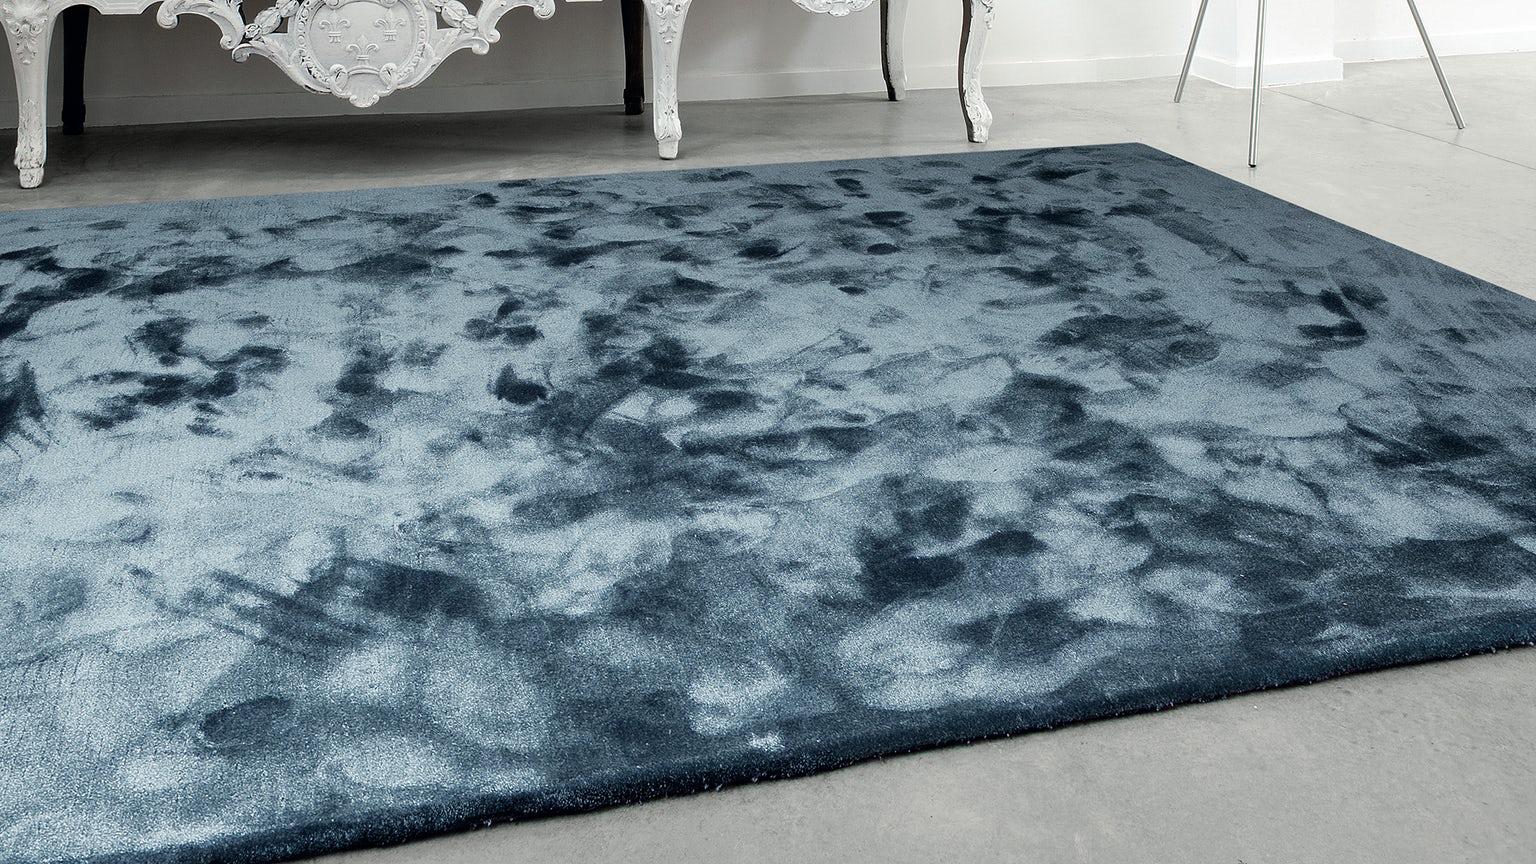 le spov astral blue stone